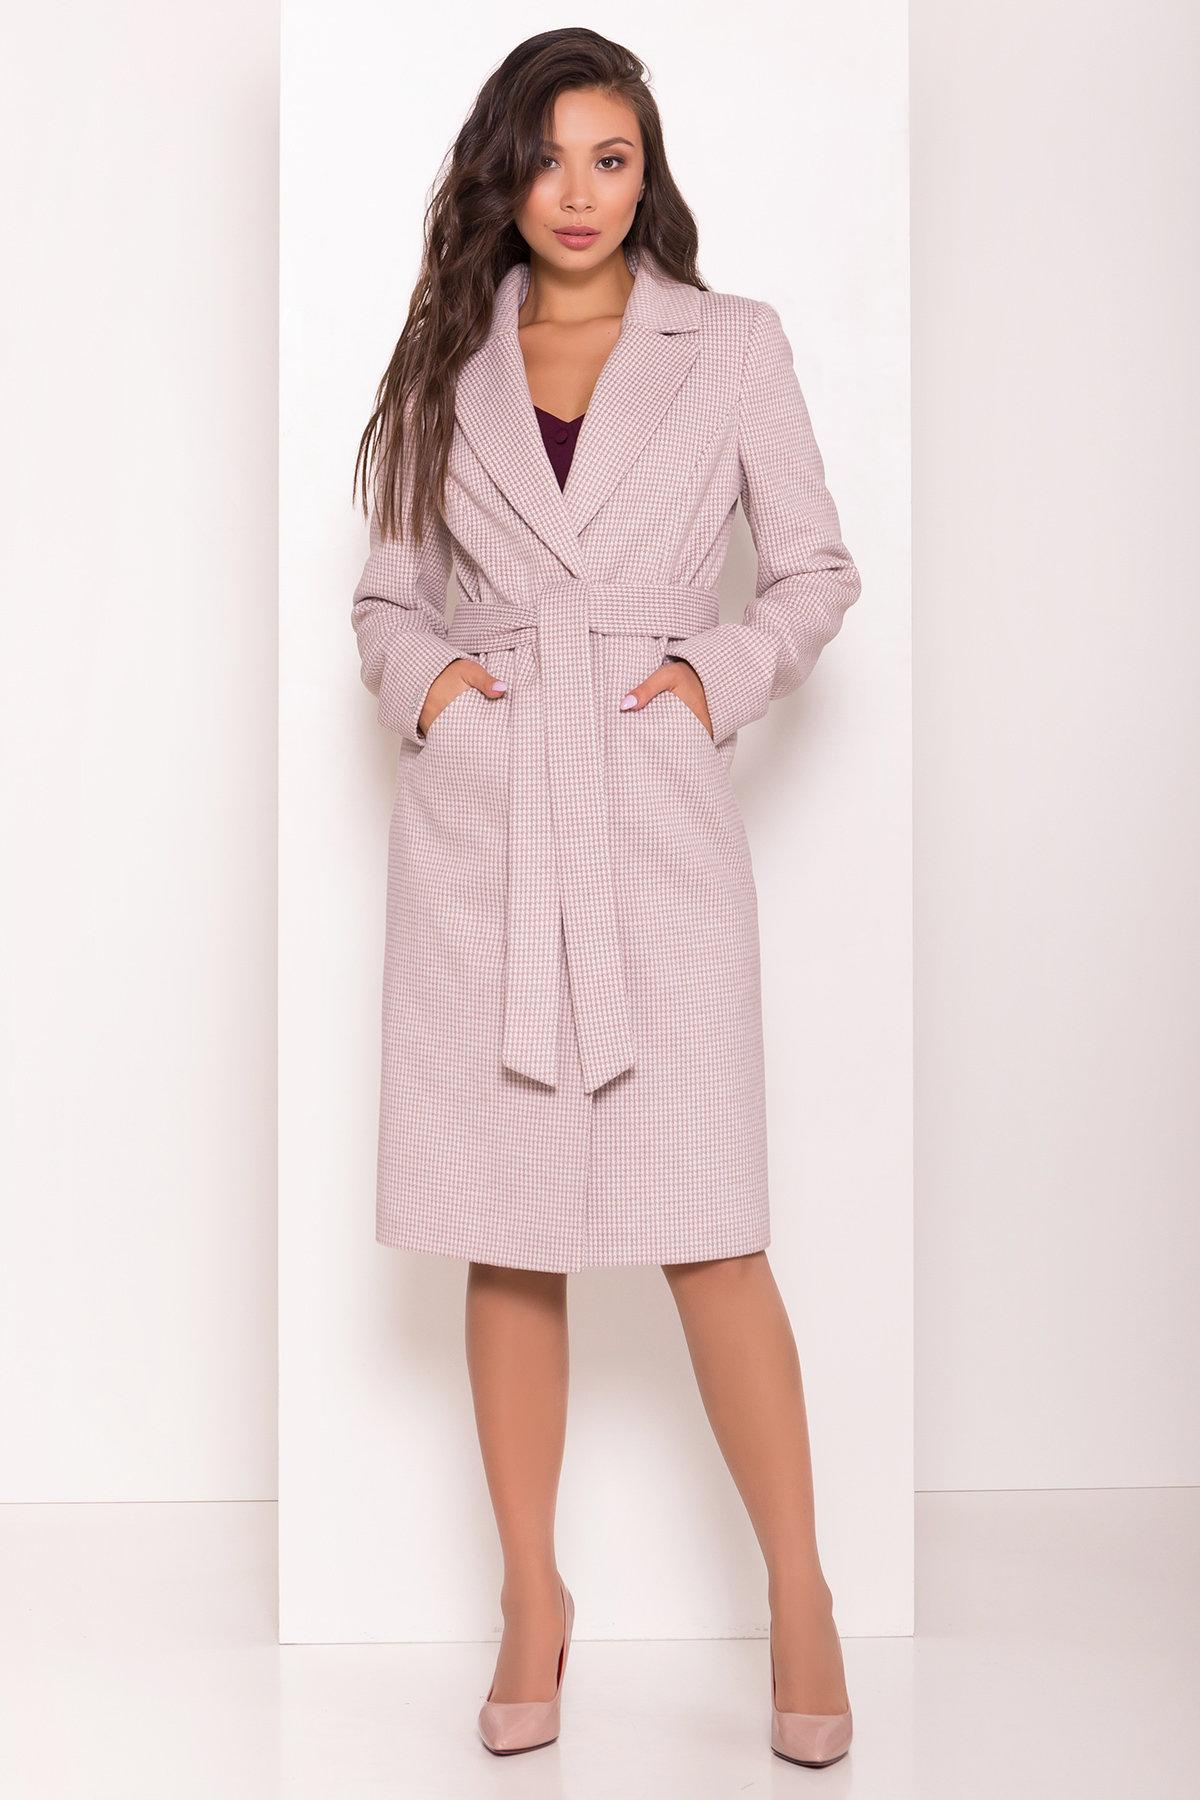 Пальто женское демисезонное интернет магазин TM Modus Стильное женское пальто с принтом Мехико 7831